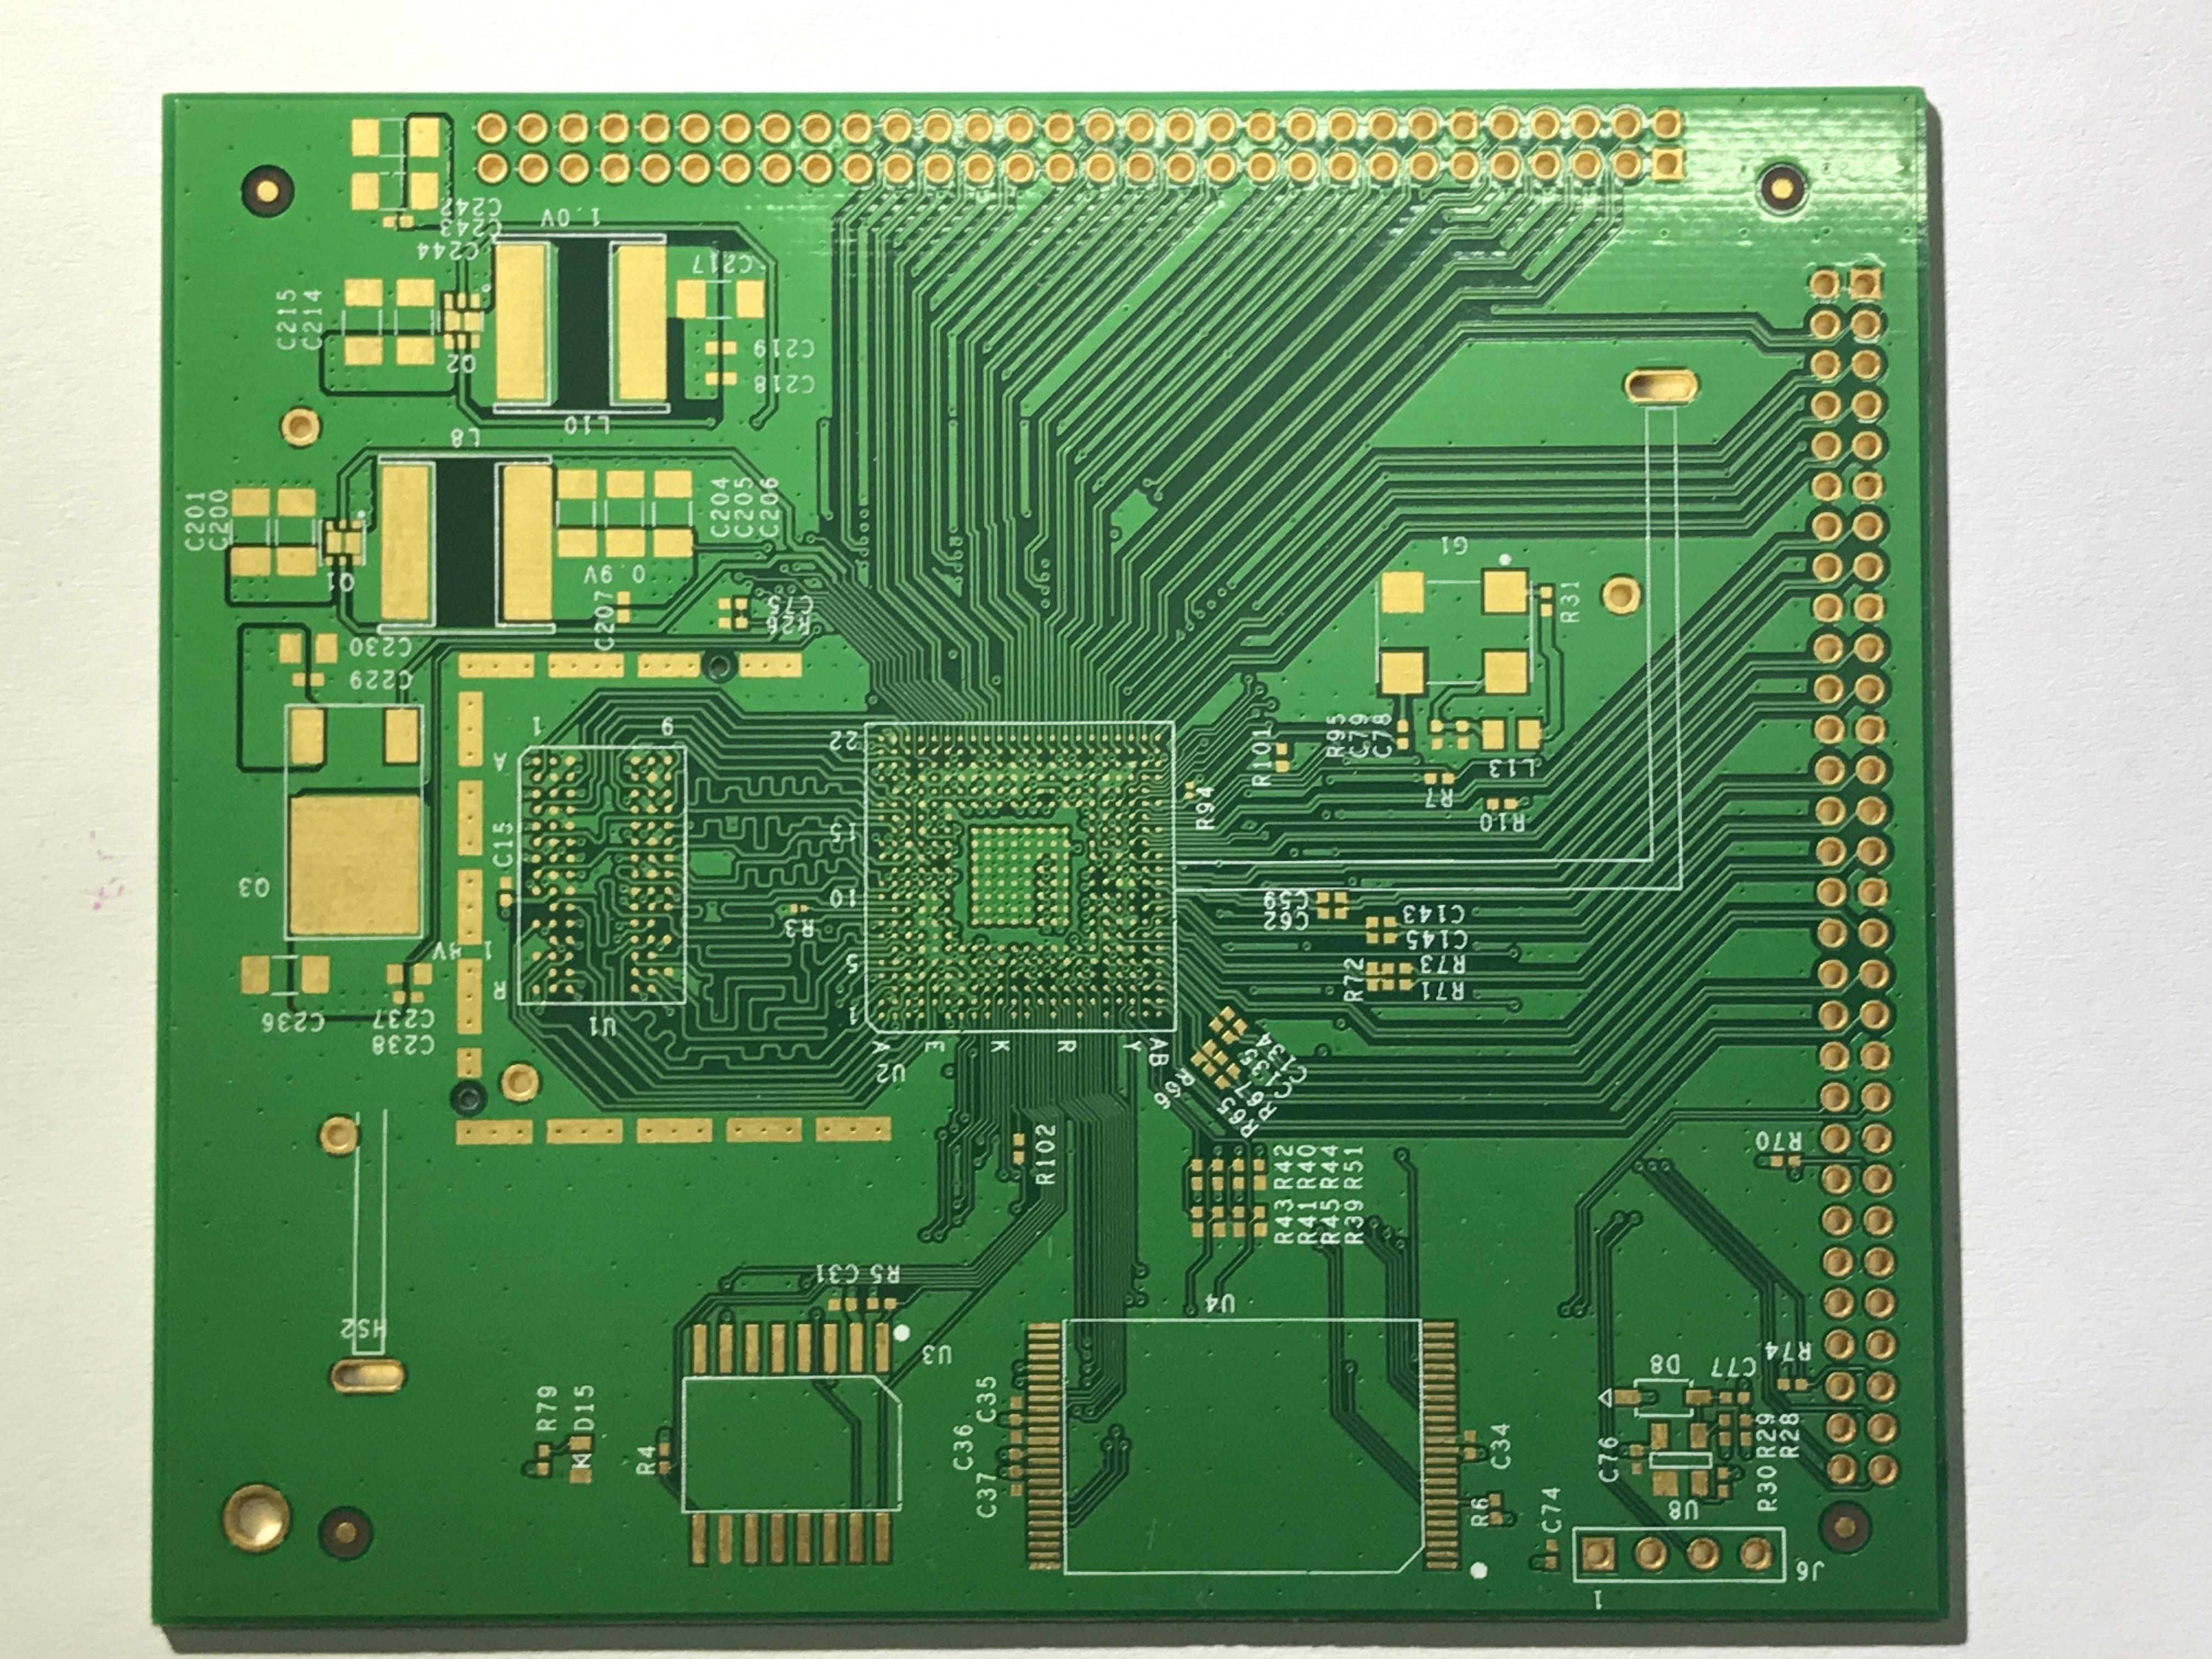 四层pcb板,四层电路板,四层线路板,四层印刷线路板,四层印刷电路